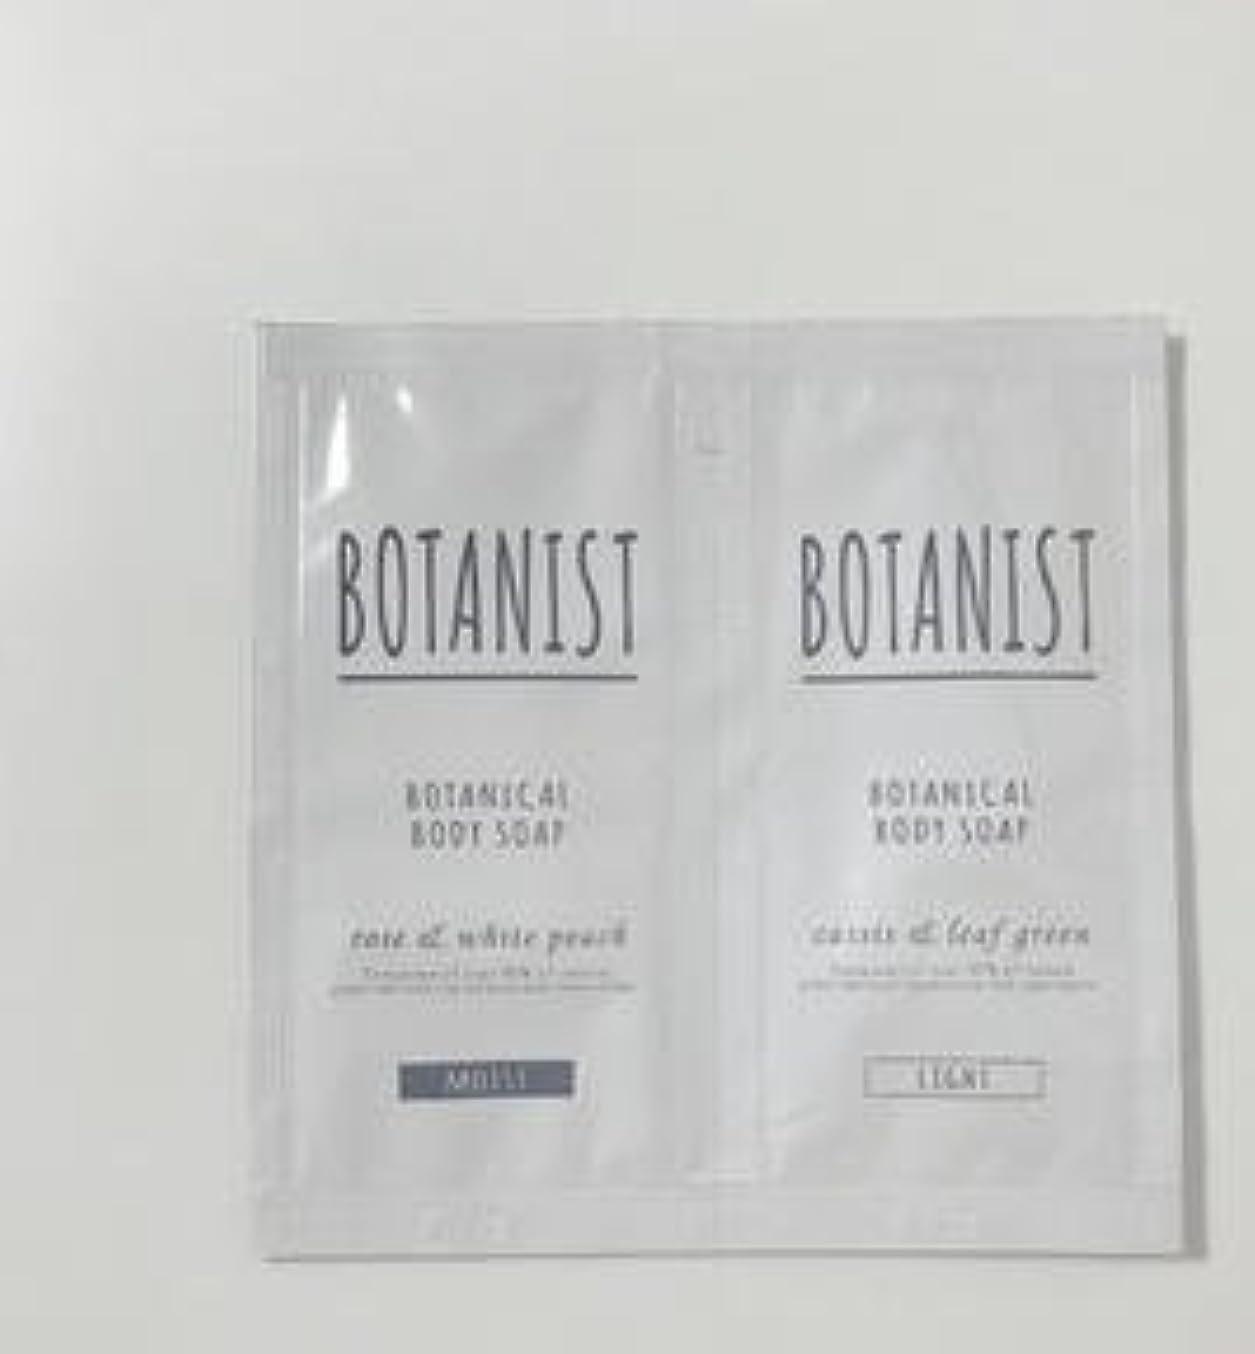 軽蔑するなす療法BOTANIST ボタニカル ボディーソープ ライト&モイスト トライアルセット 8ml×2 (ライト&モイスト, 1個)